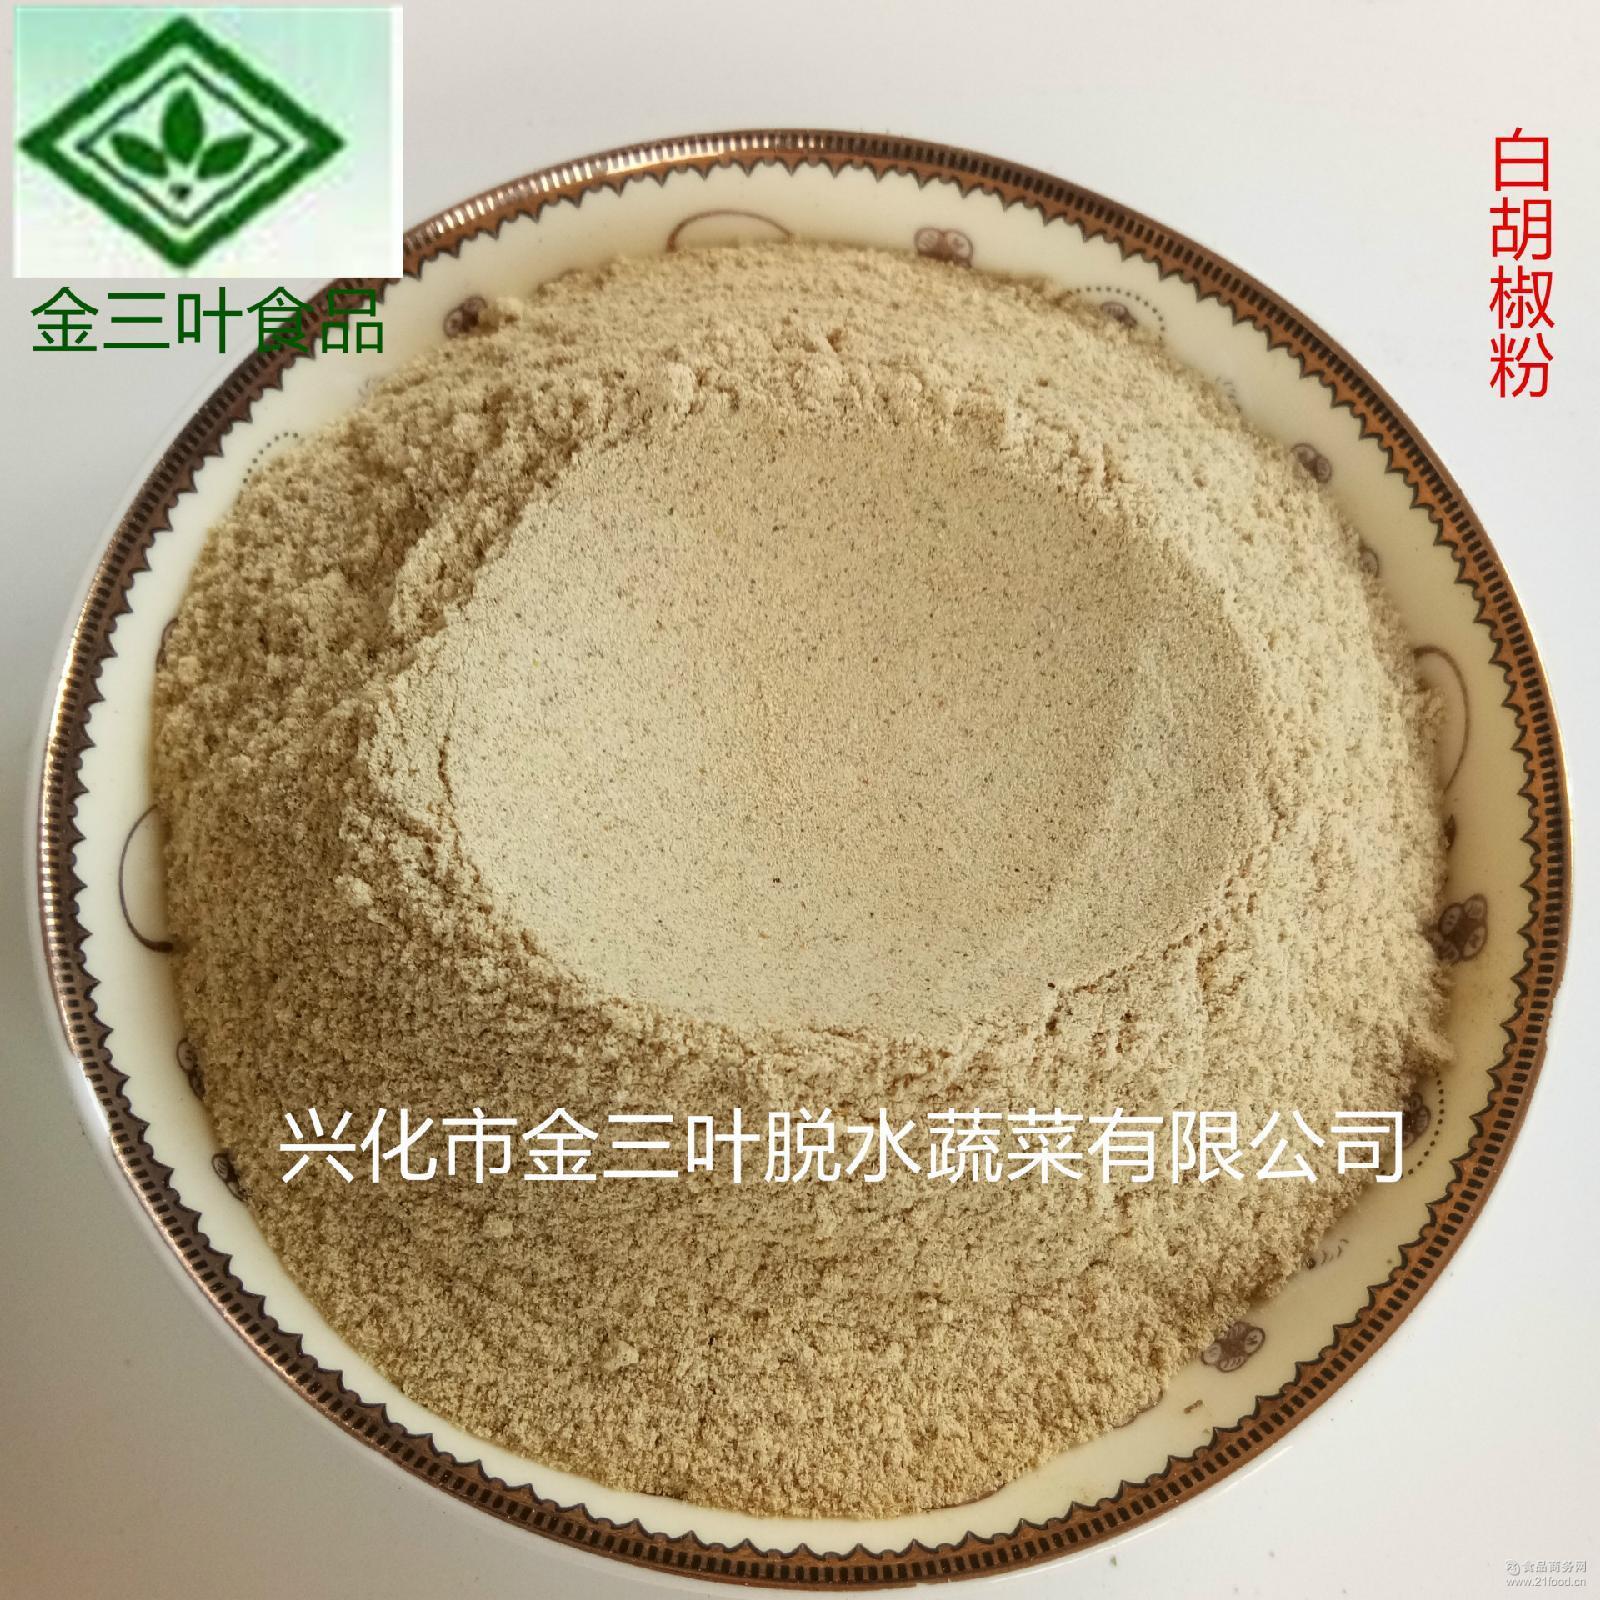 调味香料粉 白胡椒粉批发 金三叶厂家直销批调味品 散装白胡椒粉